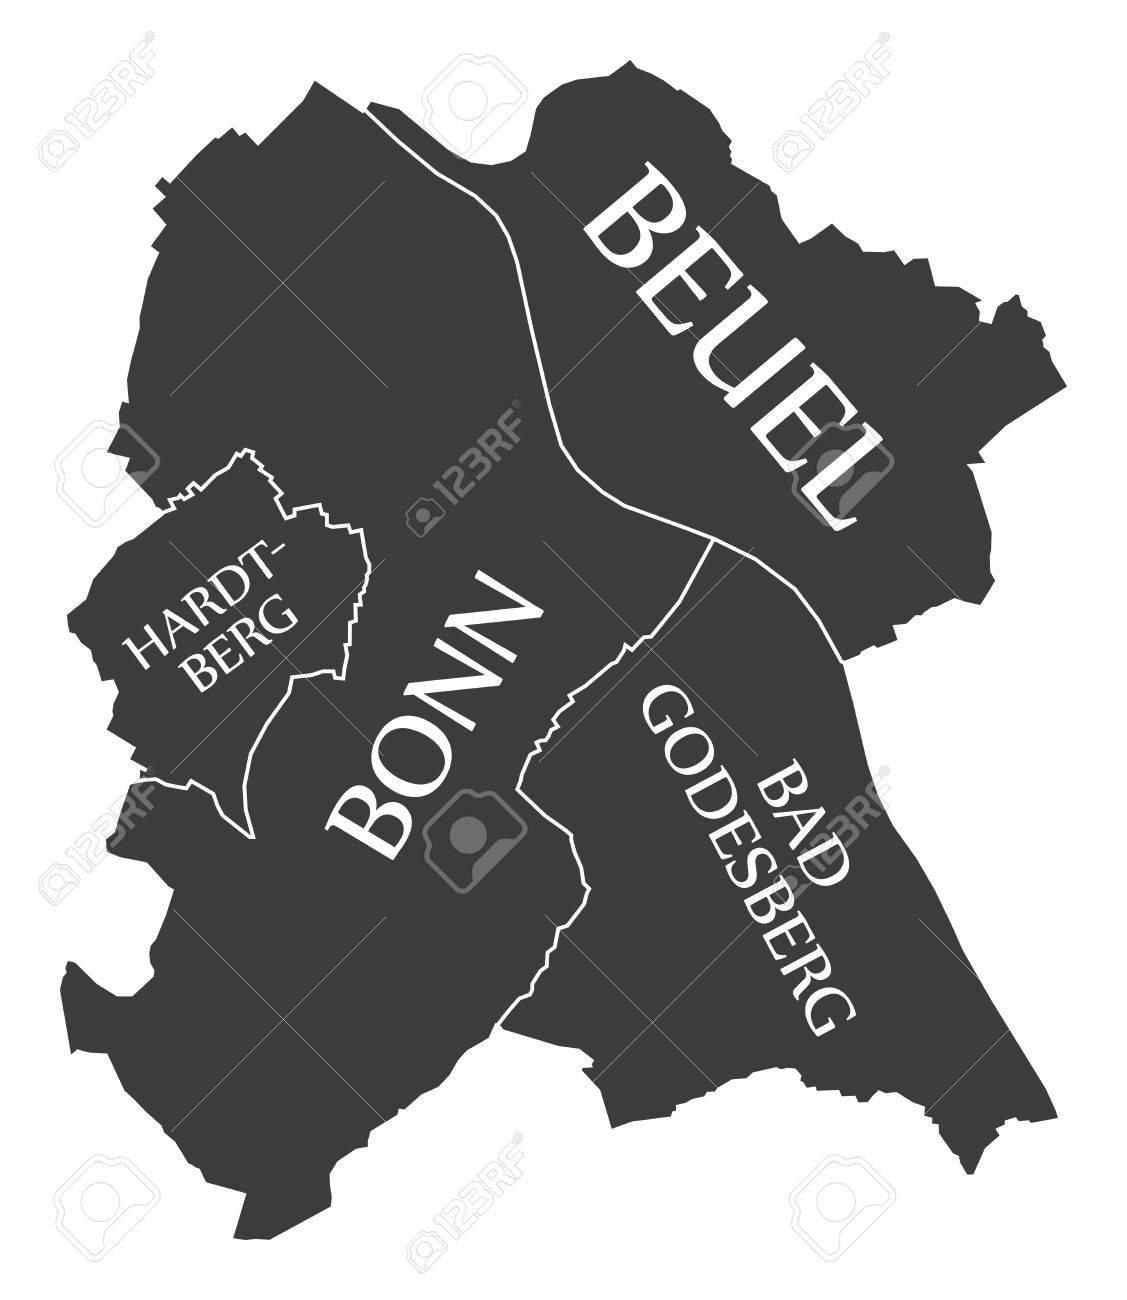 Carte Allemagne Bonn.Carte De La Ville De Bonn Allemagne De Marque Une Illustration Noire